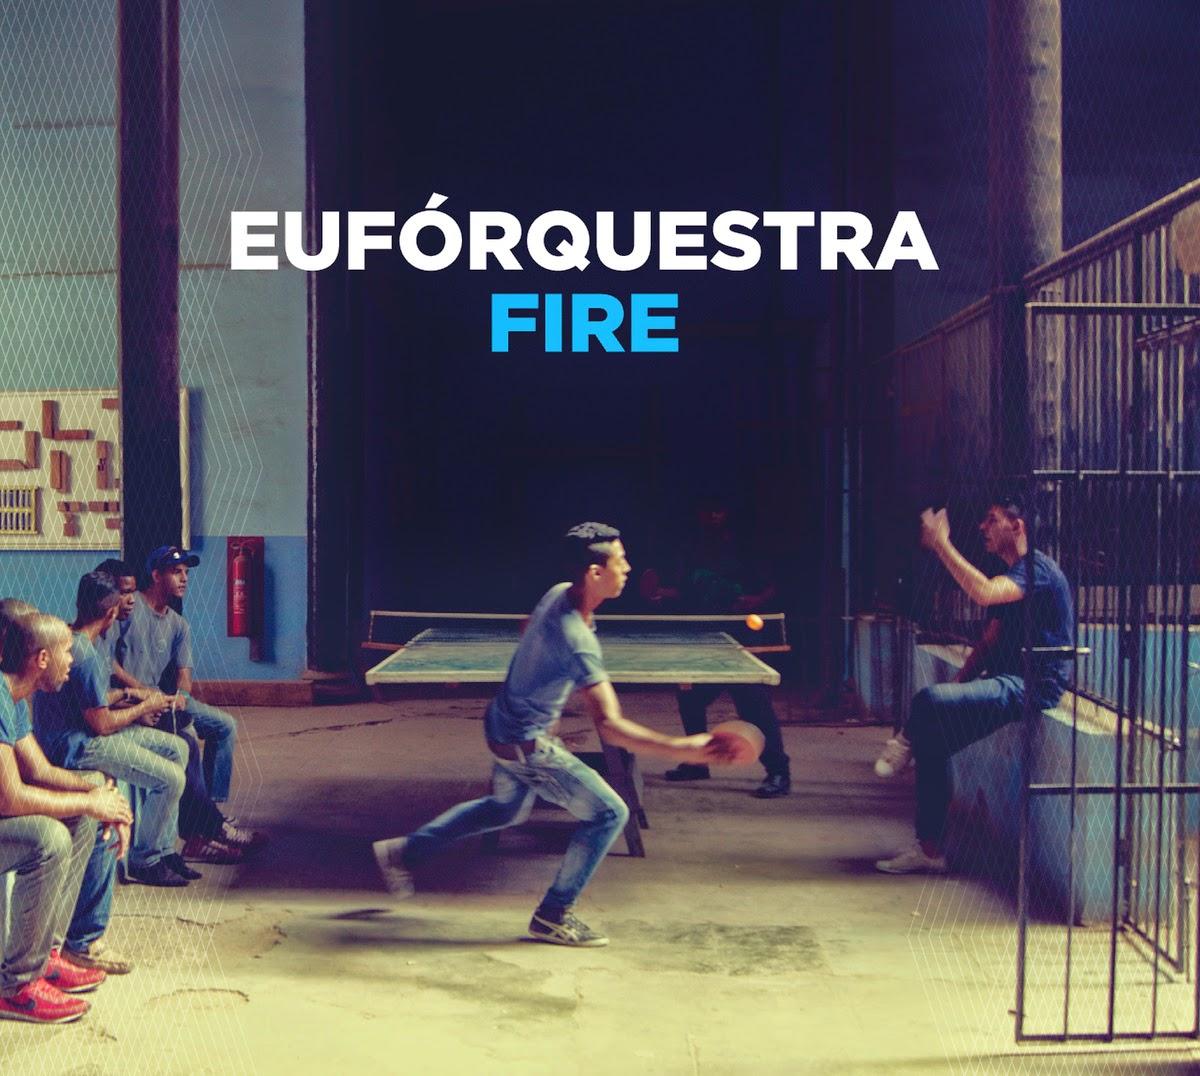 http://www.d4am.net/2014/04/euforquestra-fire.html